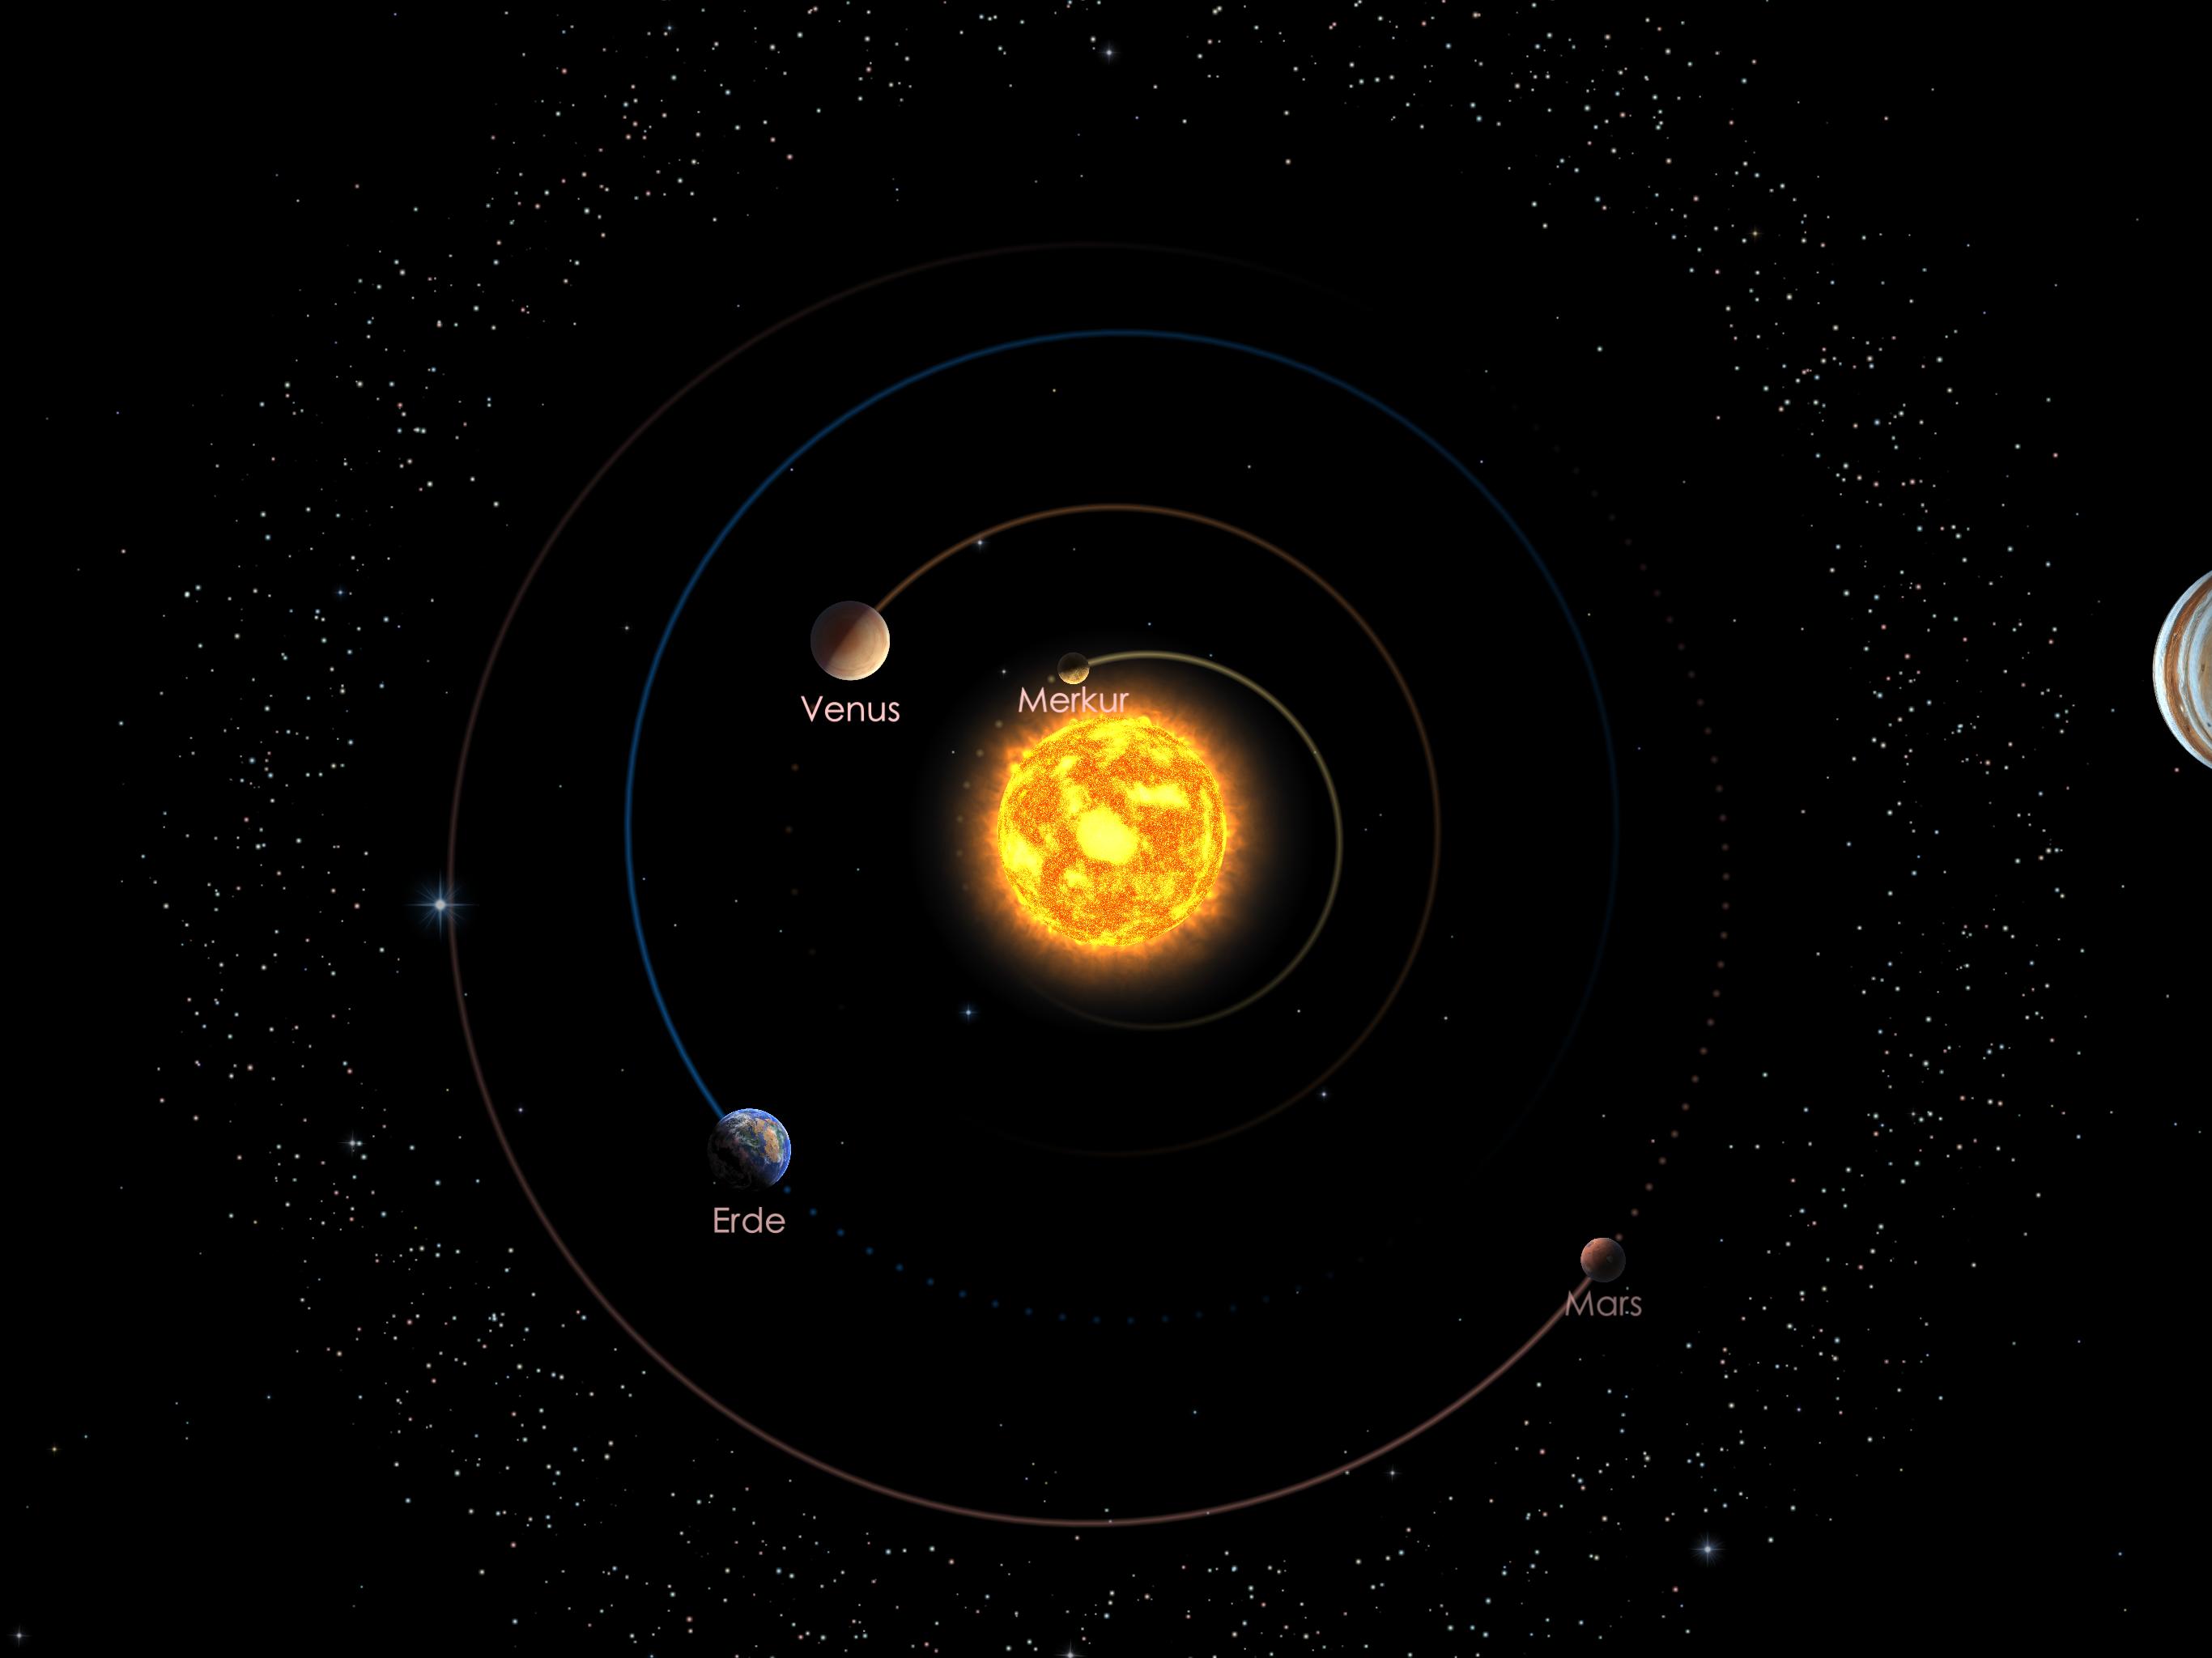 Die Positionen der inneren Planeten am 01.02.20